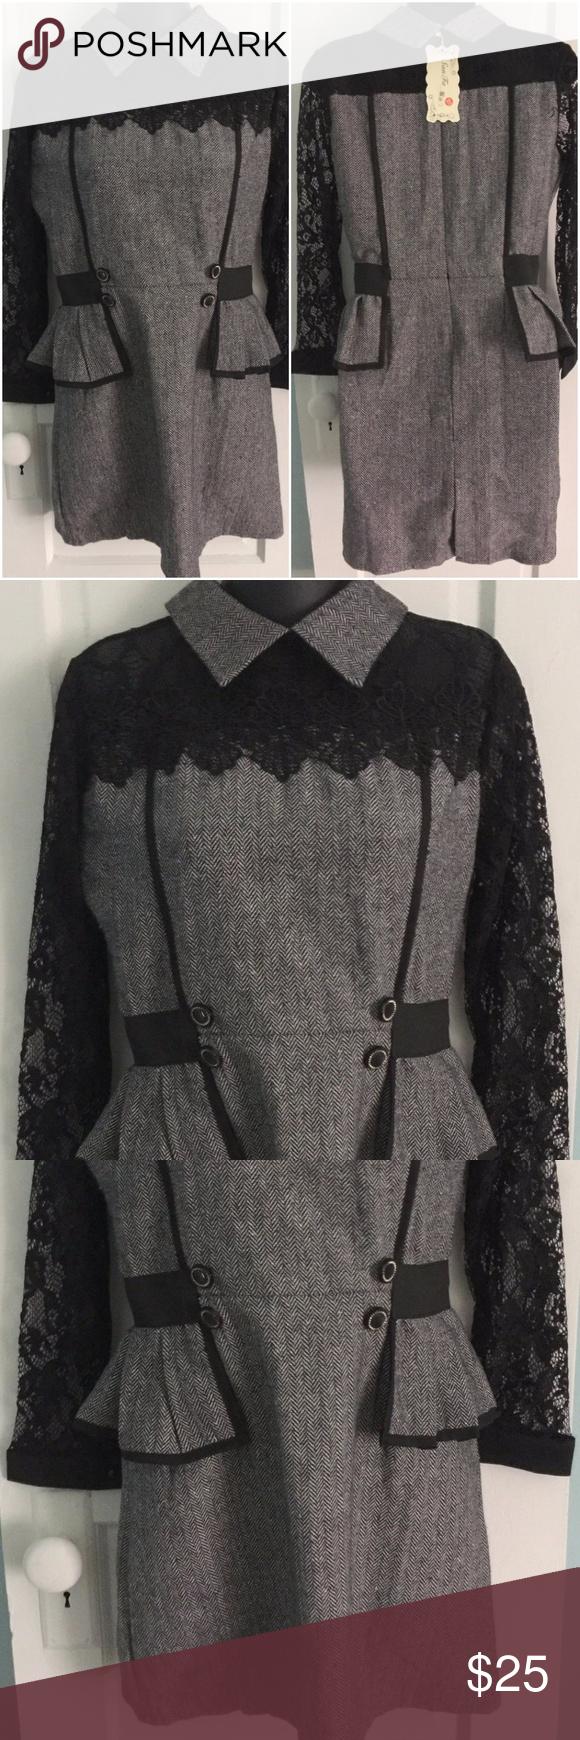 M boutique lace dress  Gray Tweed u Black Lace San Fa Fashion Dress  M Boutique  Shop